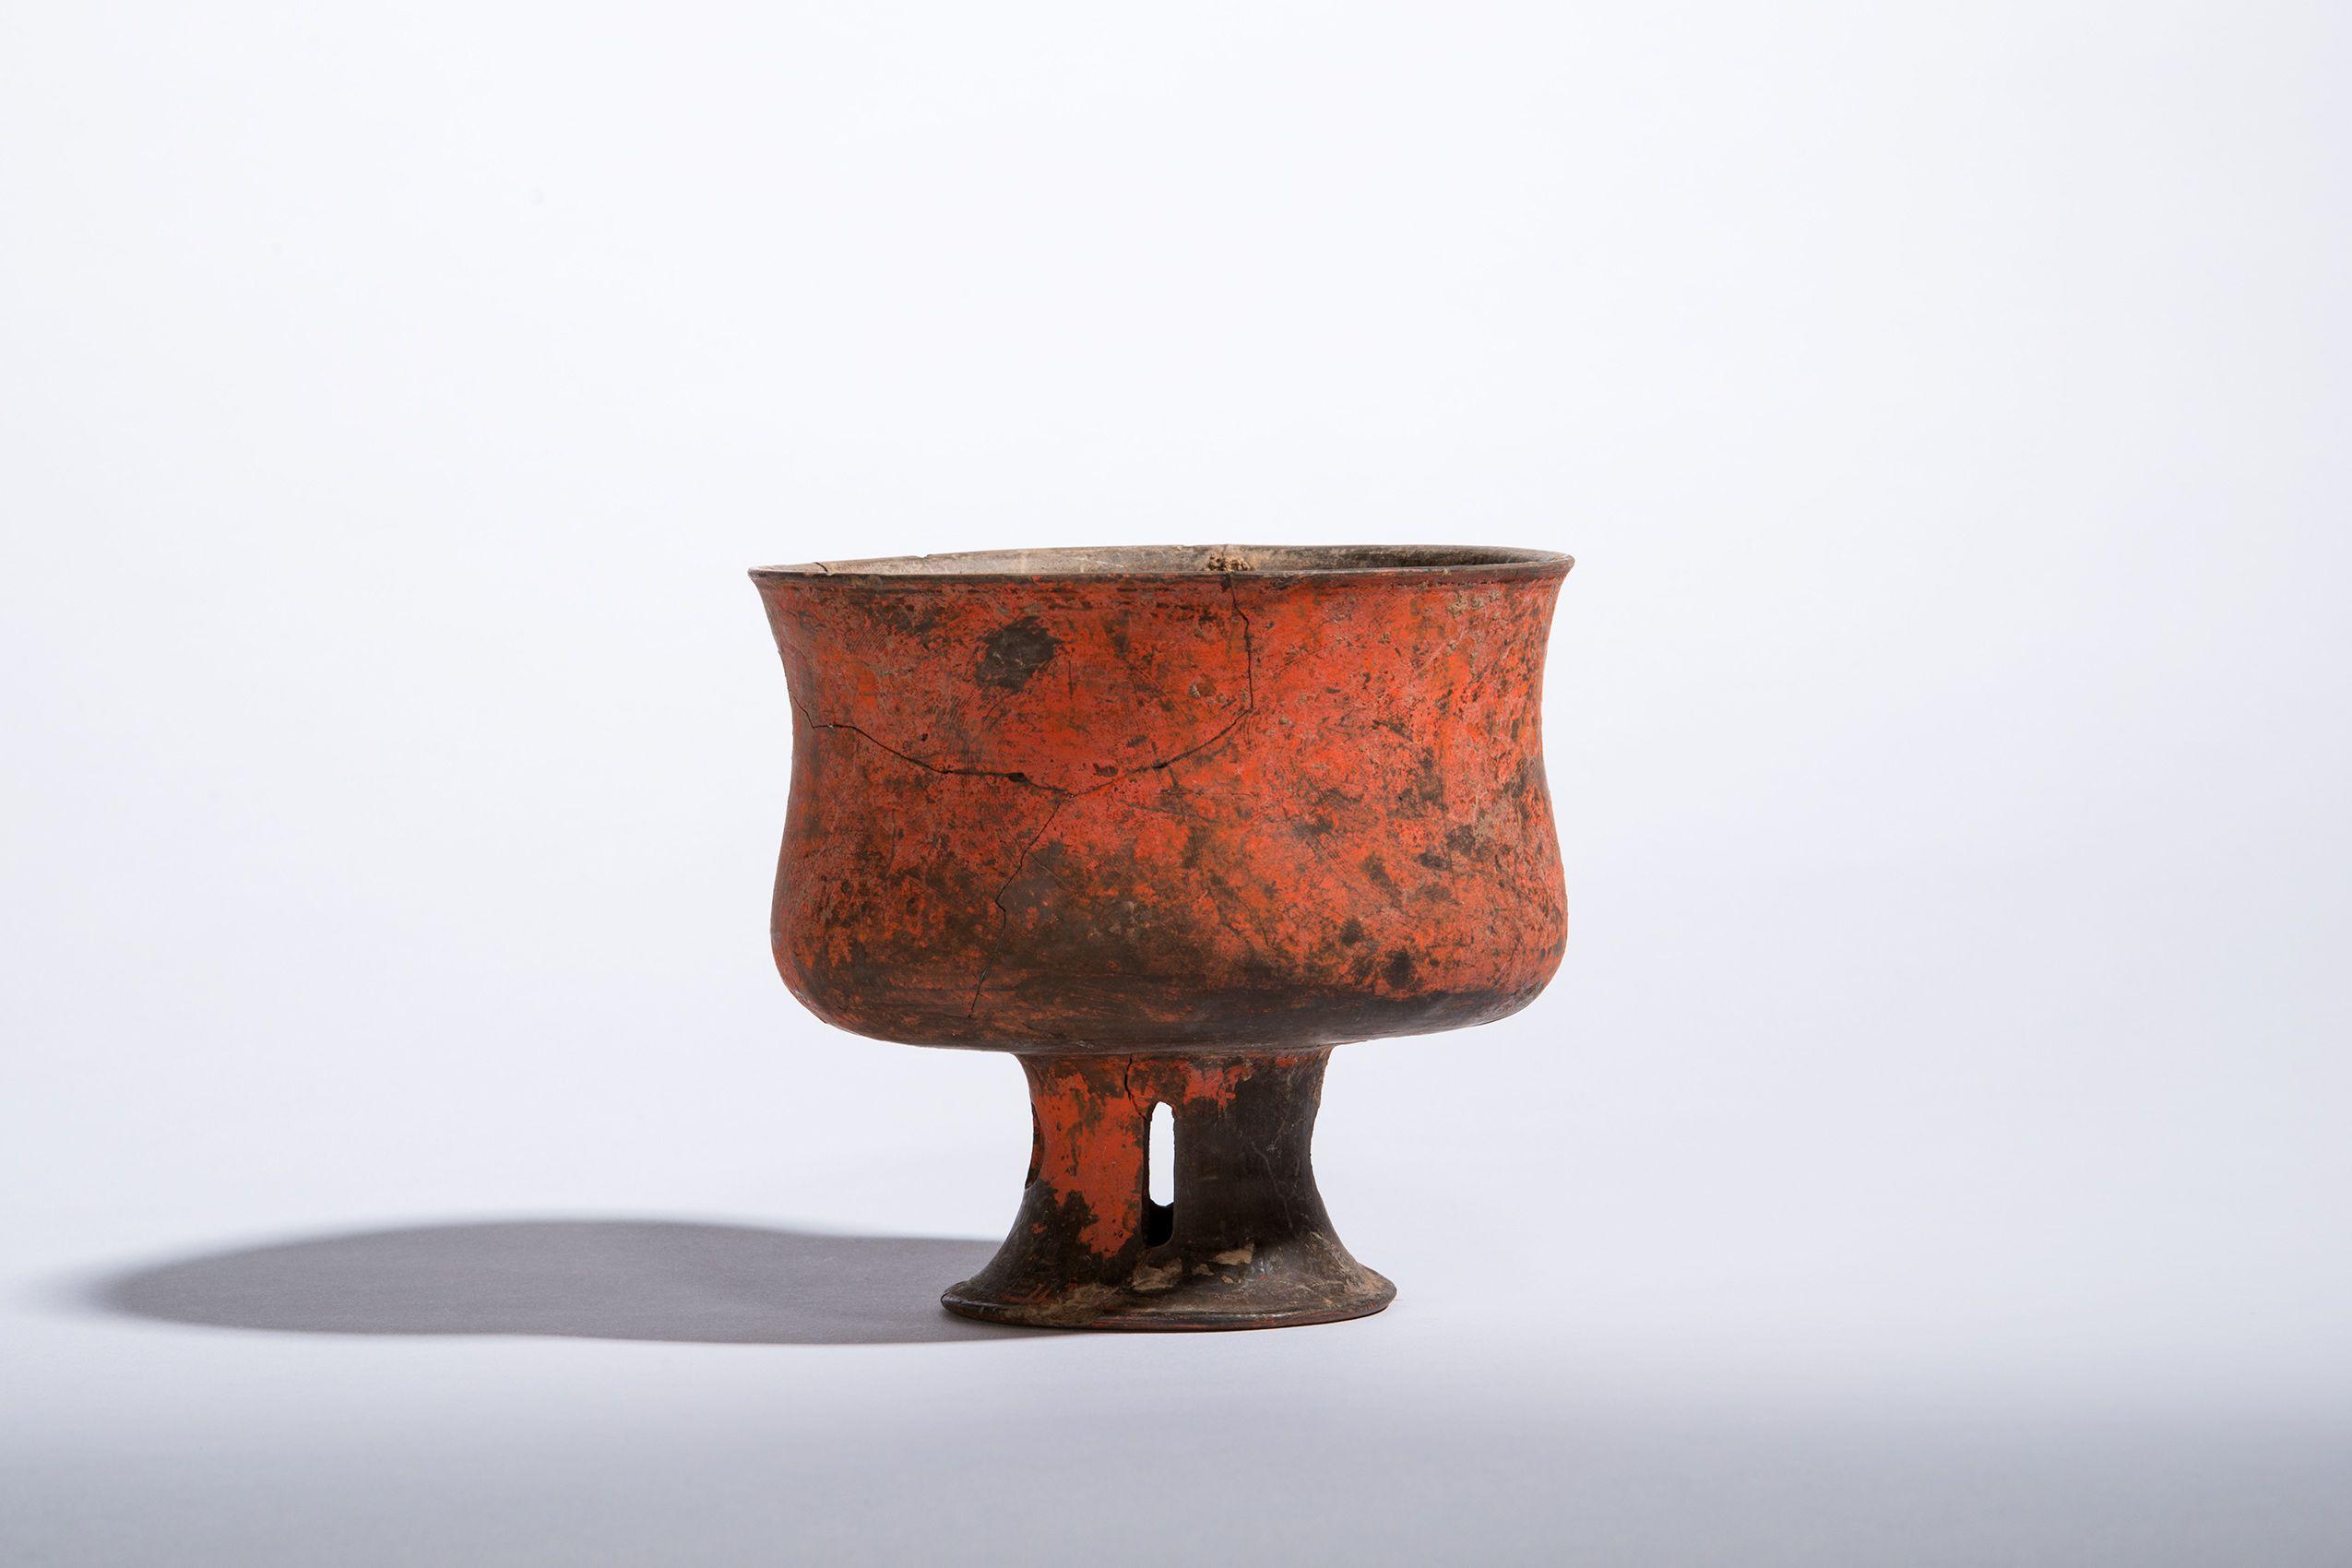 Stem bowl